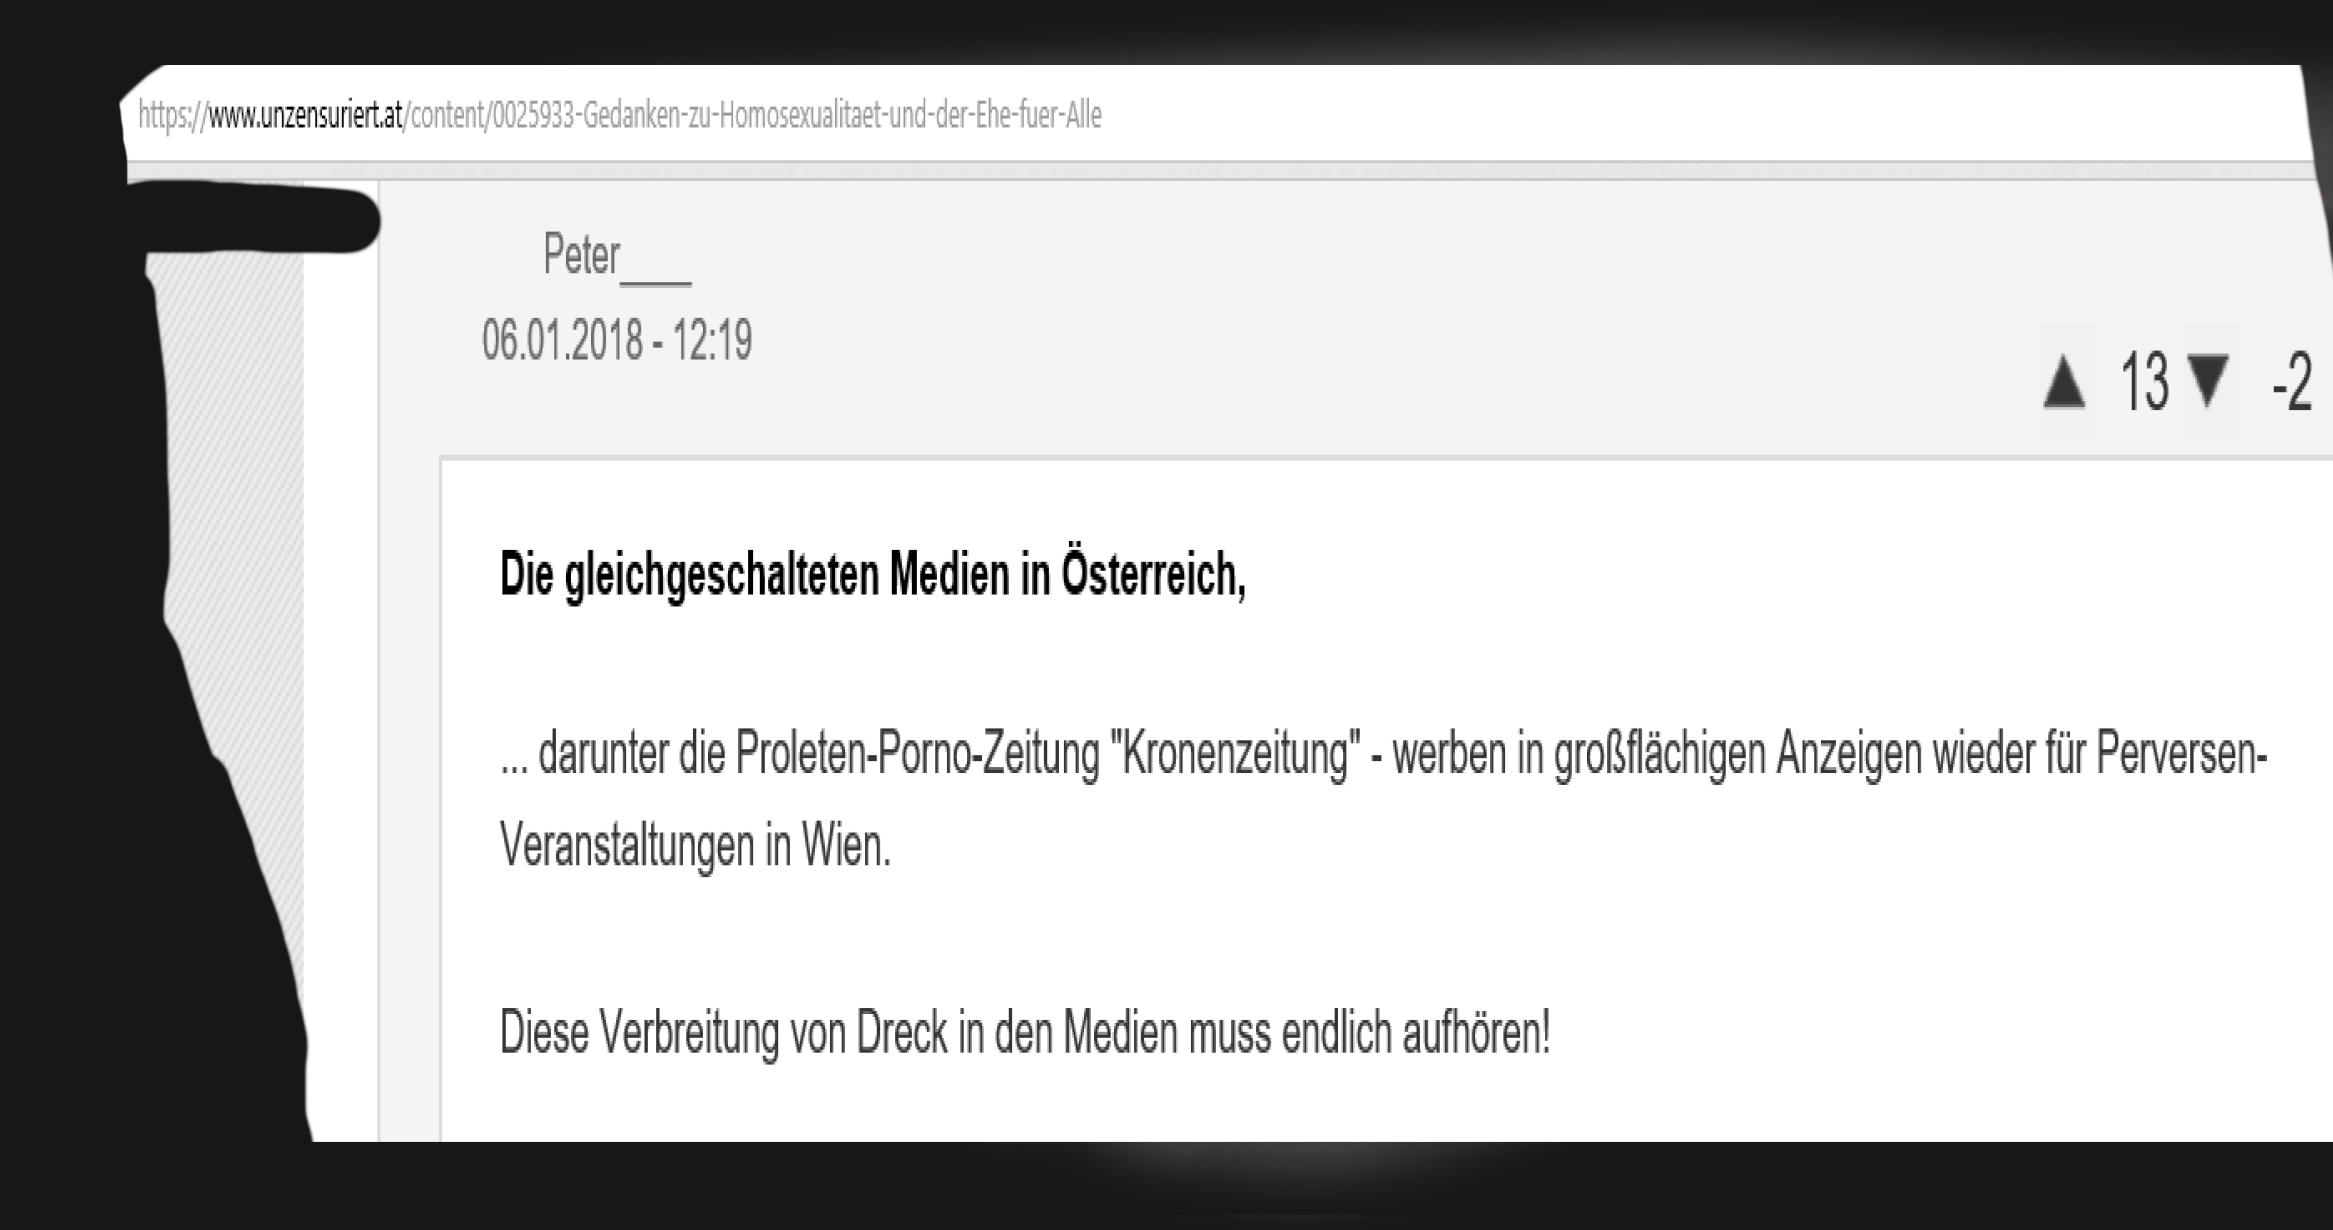 FPÖ unzensuriert - Kronenzeitung - Proleten-Porno-Zeitung